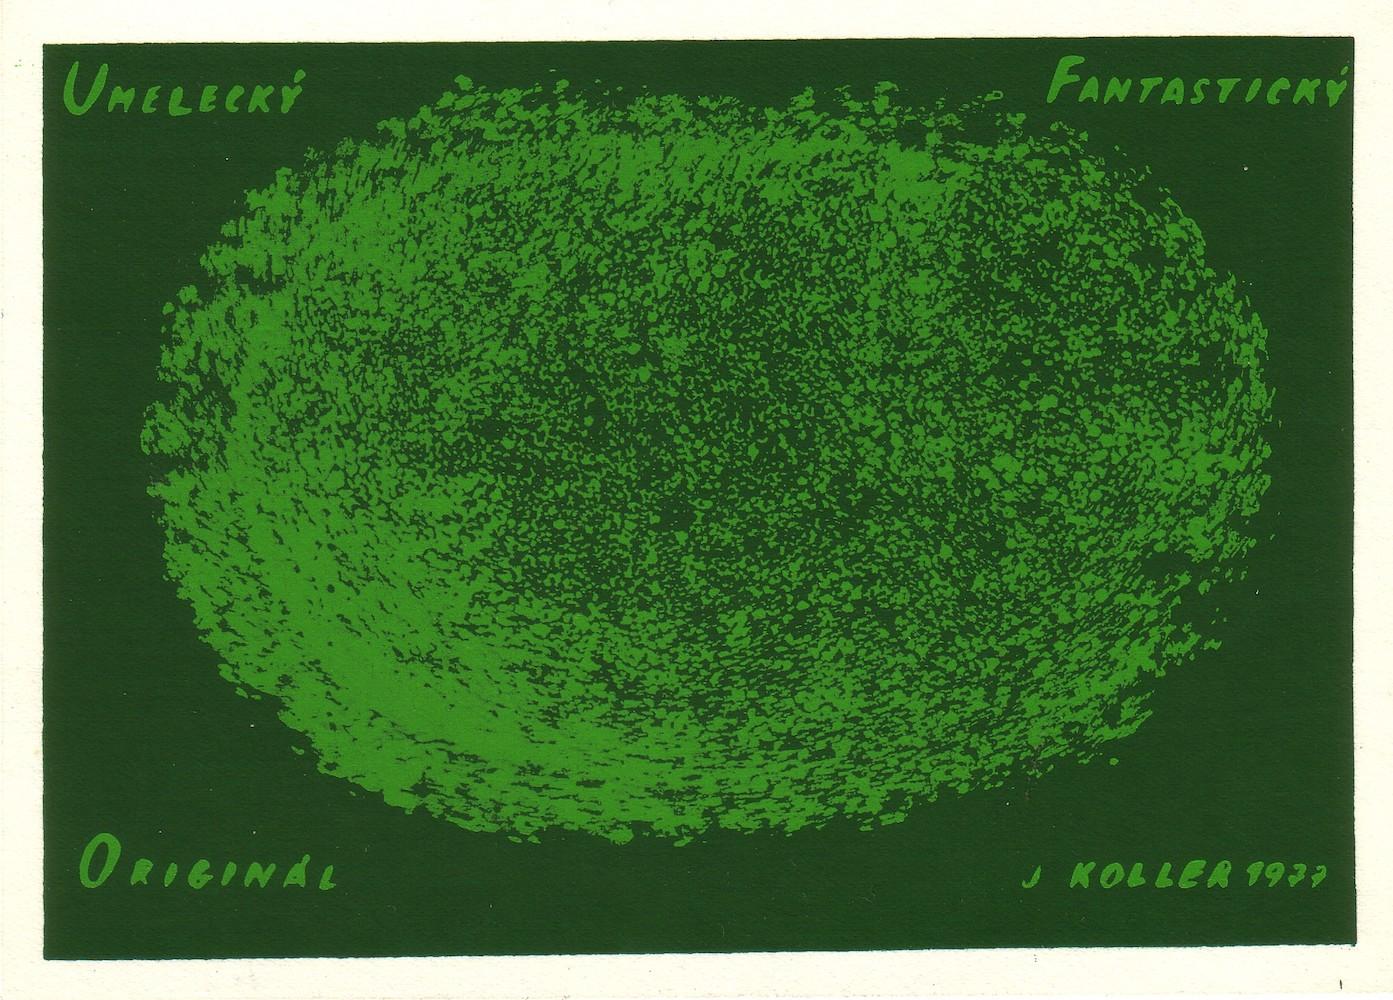 1977, Umelecký Fantastický Originál, serigrafia, 11x15 cm